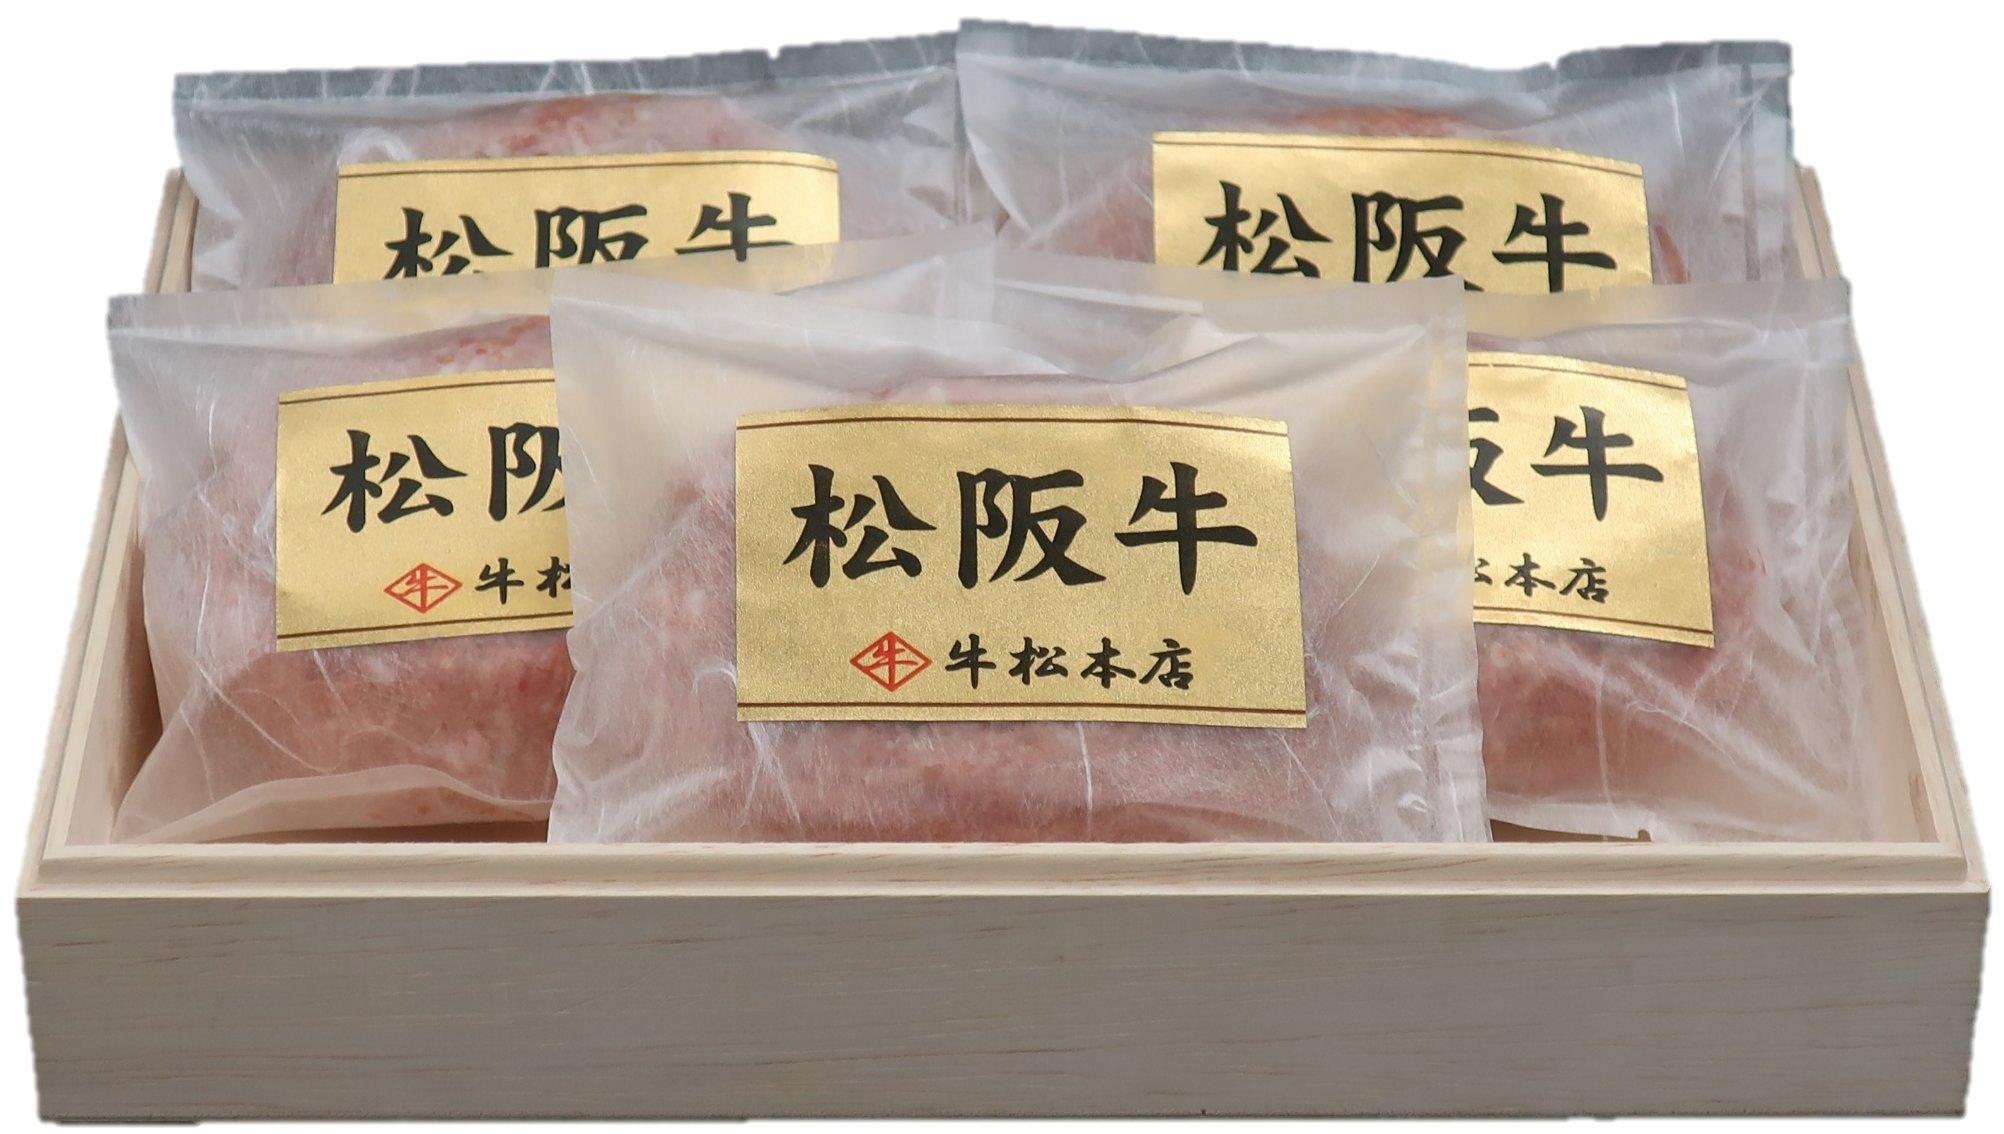 【 牛松 本店 】 松阪牛 特選 ハンバーグ 160g × 5個 【 高級 桐箱入 】 お歳暮 ギフト 内祝い お祝い 牛肉 和牛